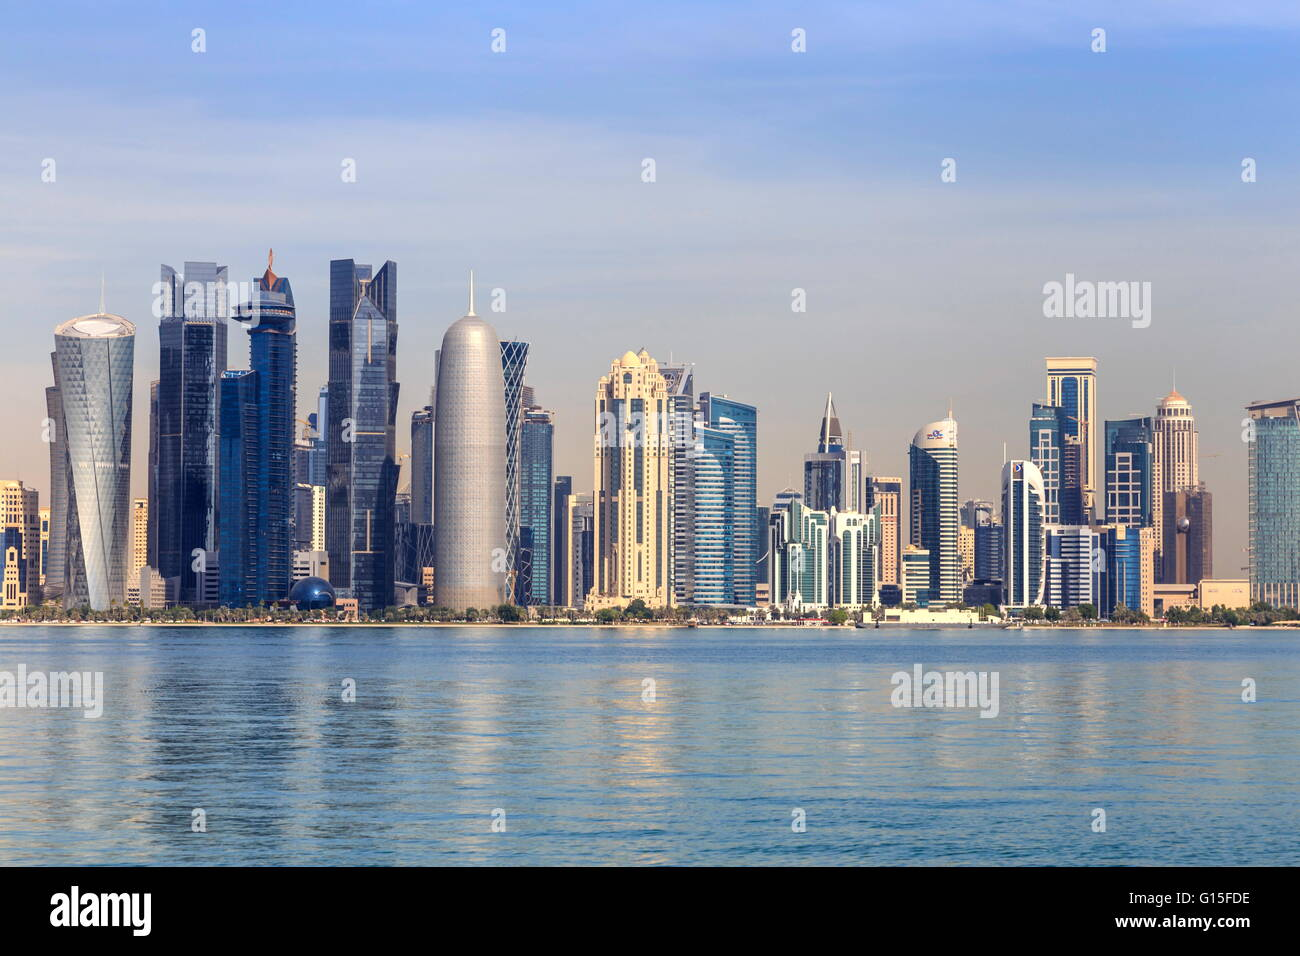 La ville moderne de West Bay, à travers les eaux calmes de la baie de Doha, à partir de le boutre Harbour, Doha, Qatar, Moyen-Orient Banque D'Images